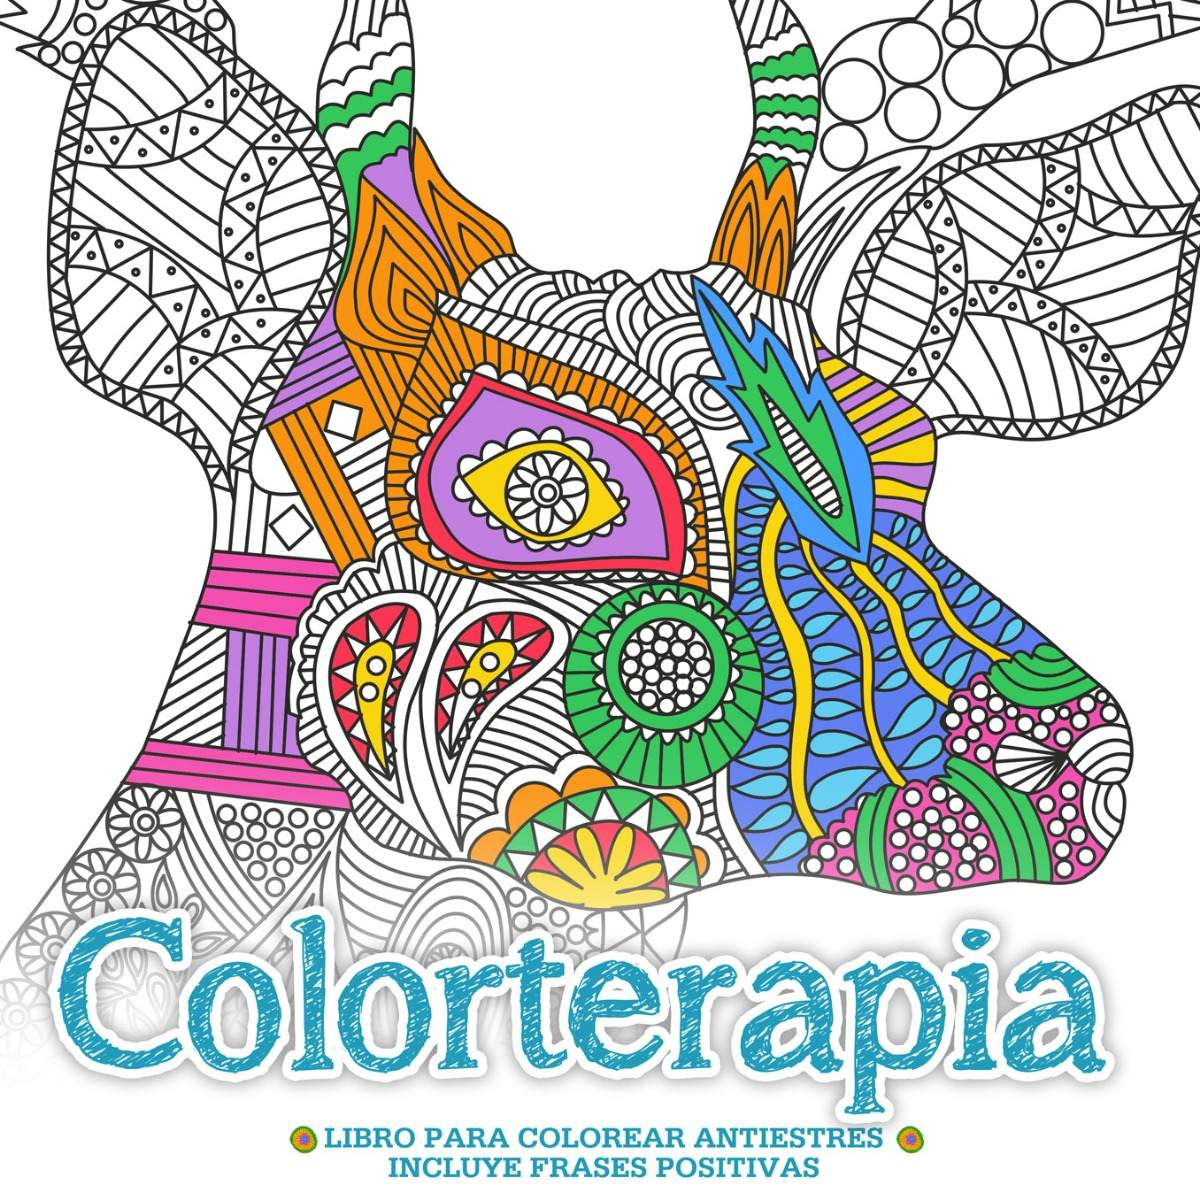 5 Libros Antiestress Para Colorear Mandalas - Magnapel - $ 200,00 en ...